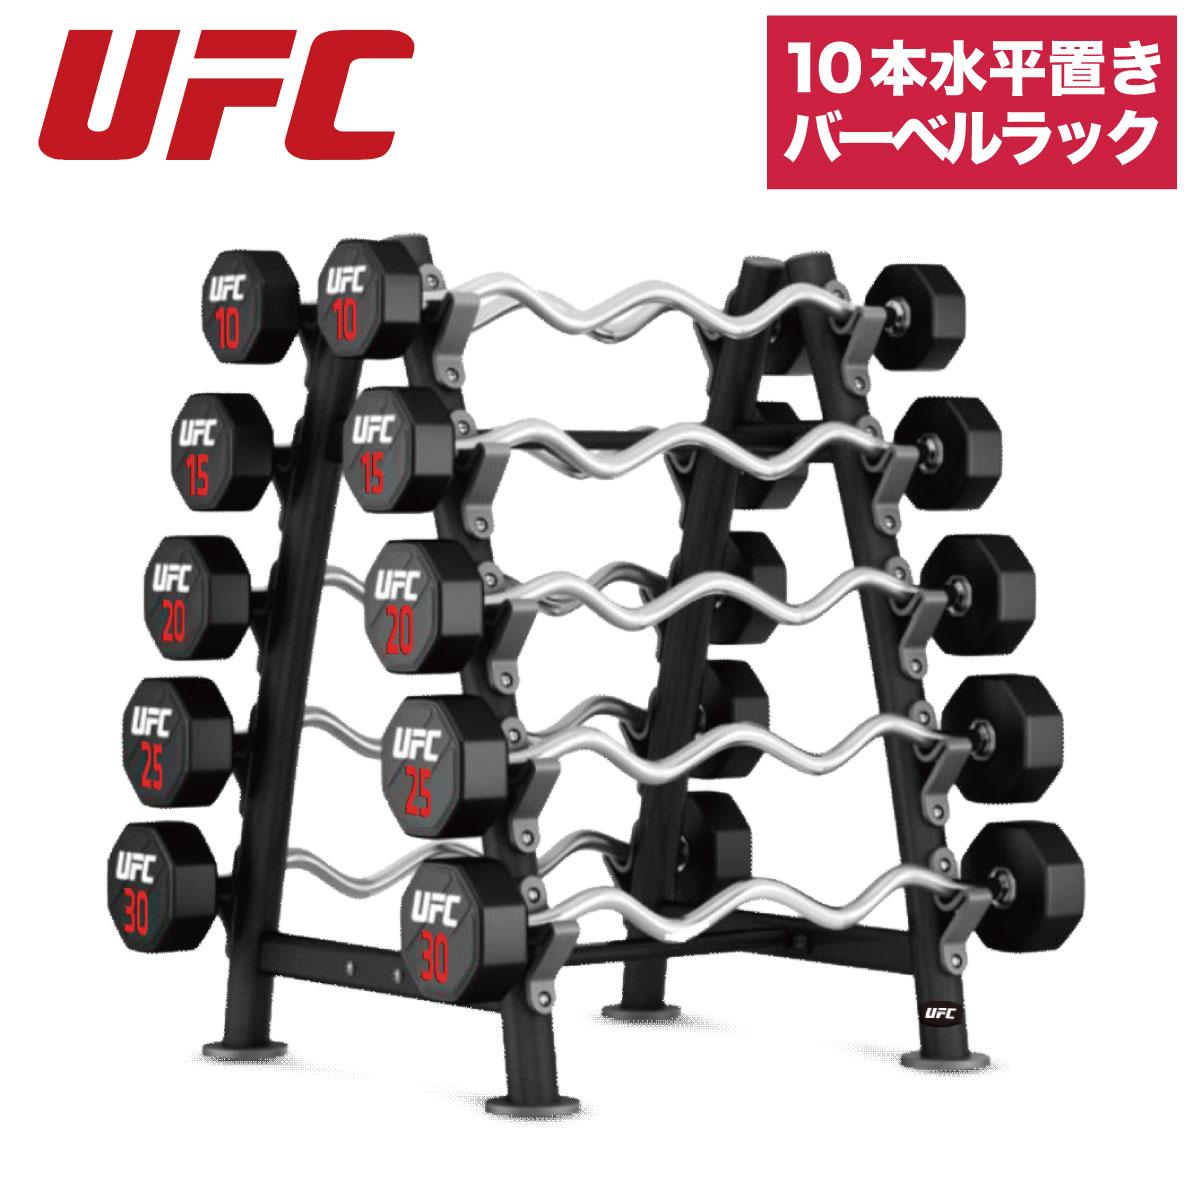 バーベルラック/バーベルホルダー10本収納(UFC-VX10-5108)〈業務用〉《総合格闘技UFCオフィシャル》